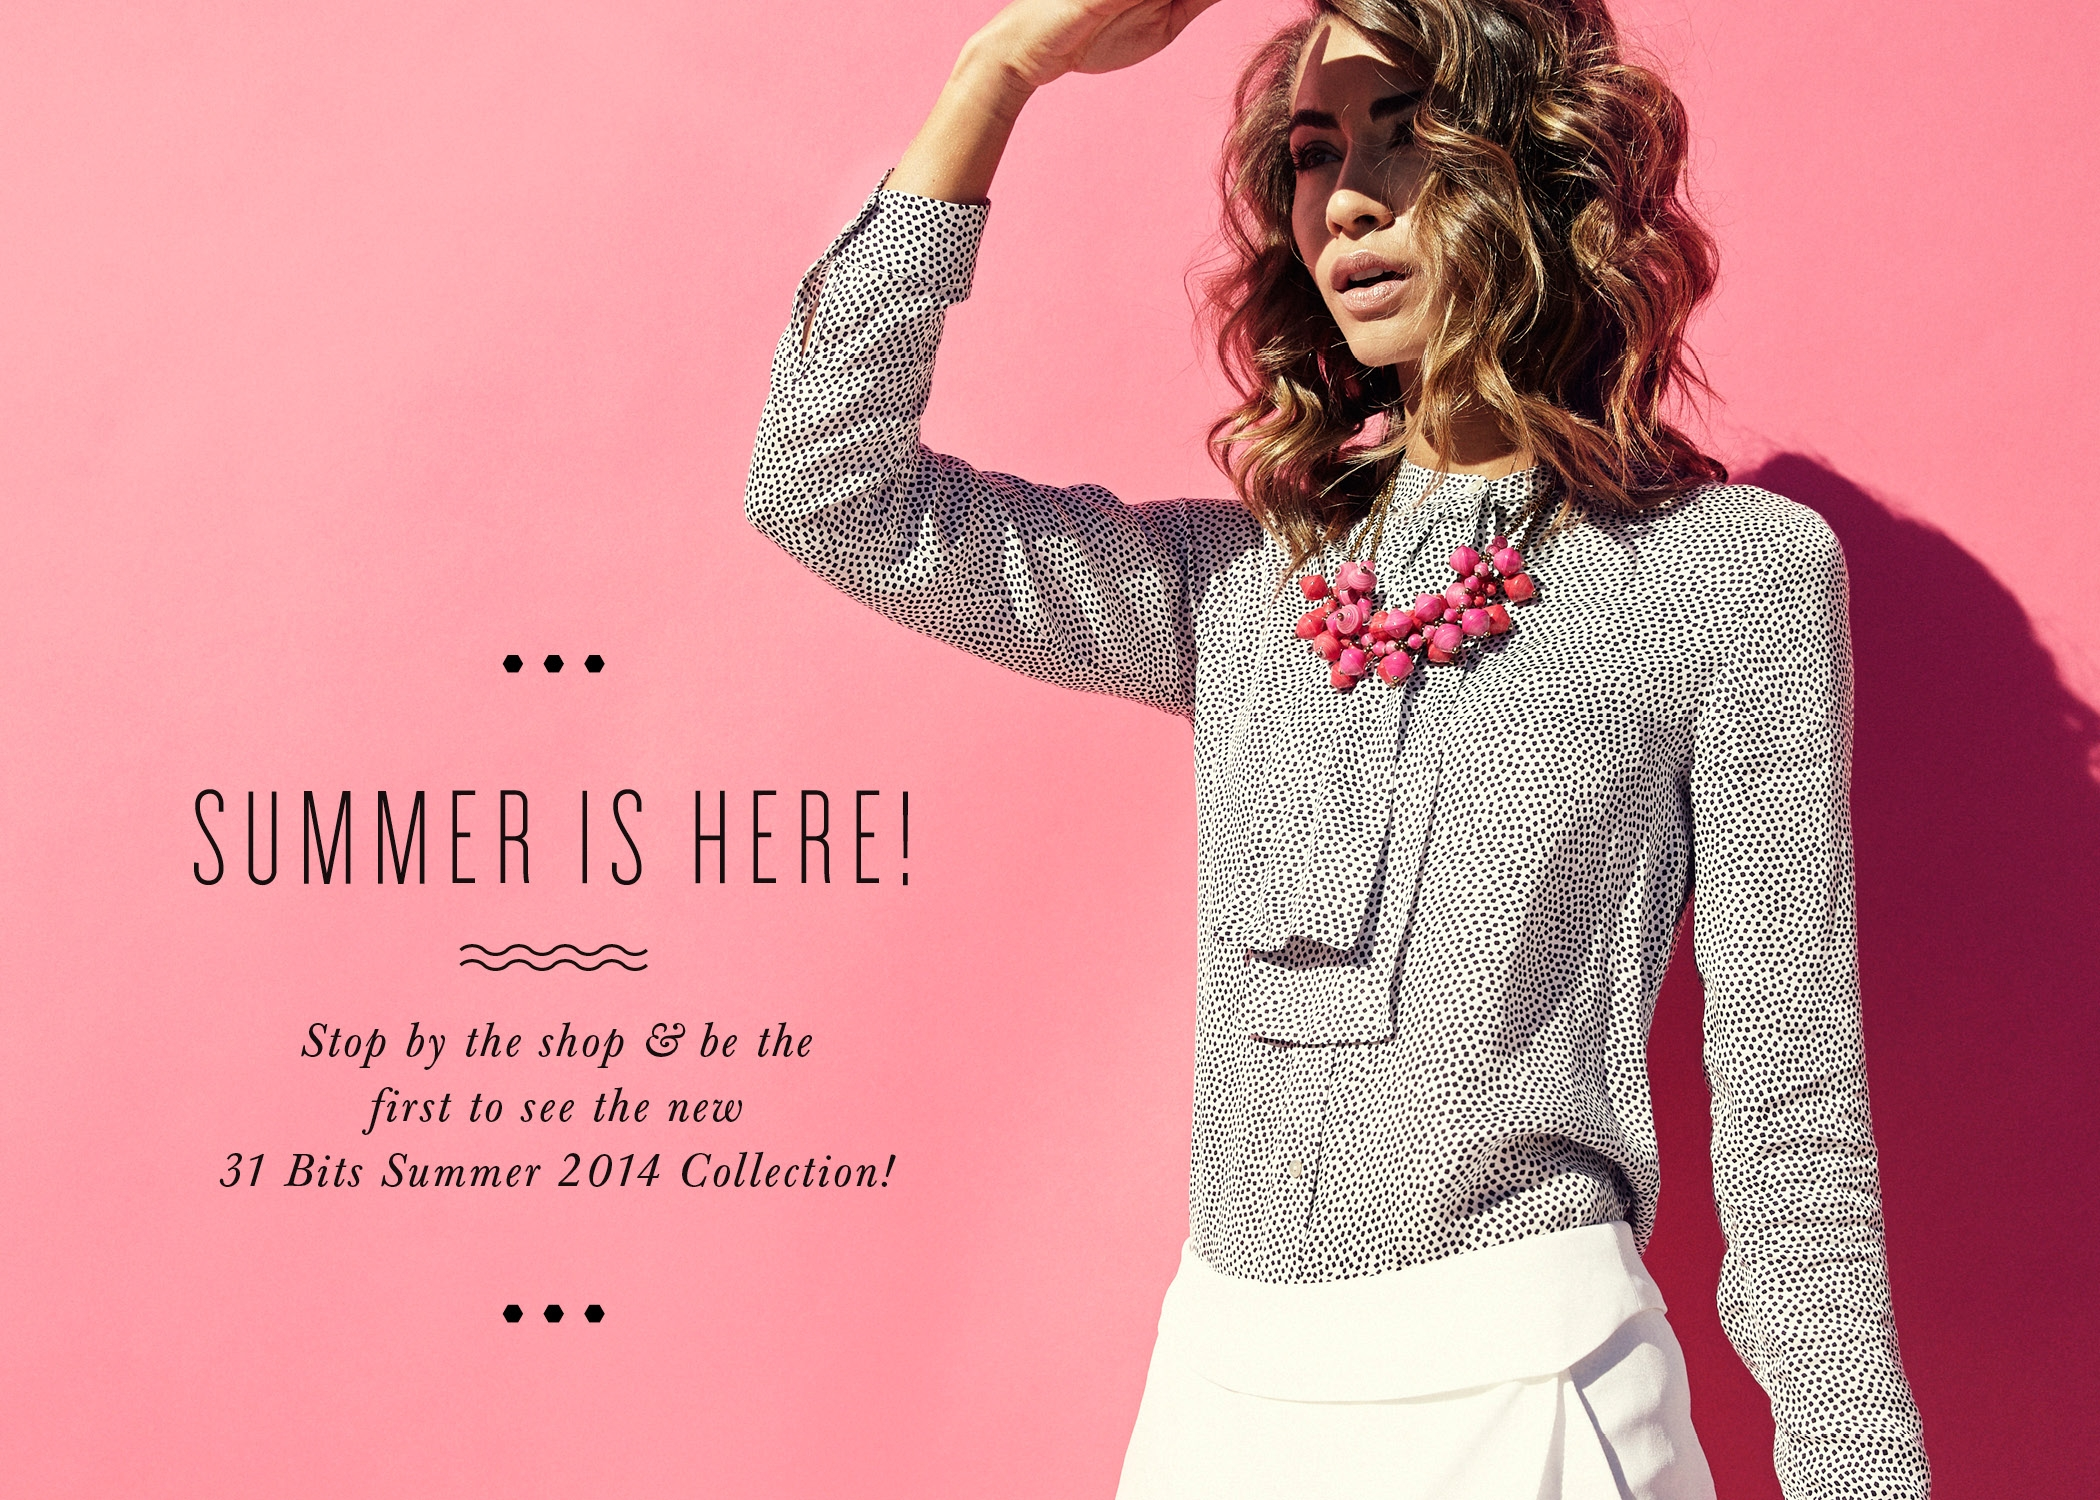 31BITSShop Ad - Summer 14 B